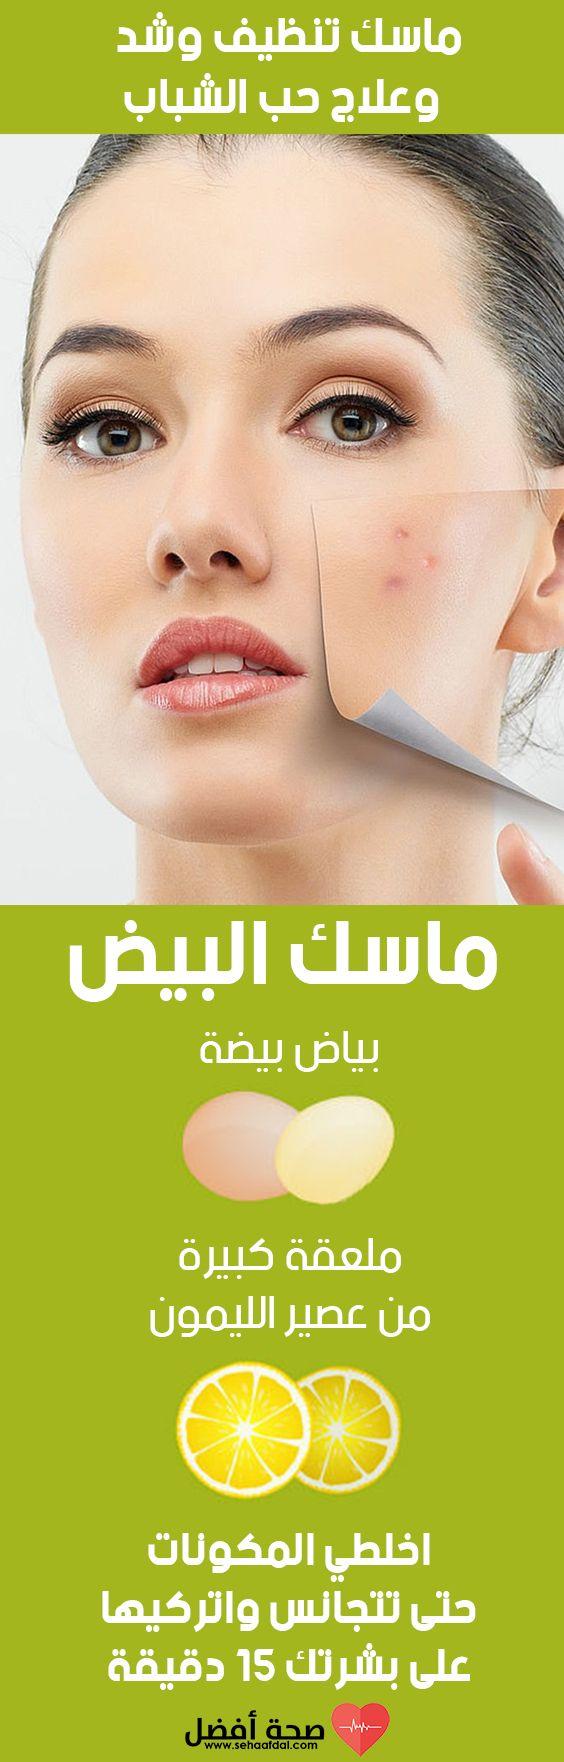 ماسك للوجه بالبيض والليمون للعناية بالبشرة الدهنية وعلاج حب الشباب Beauty Skin Care Routine Clear Skin Face Makeup Skin Care